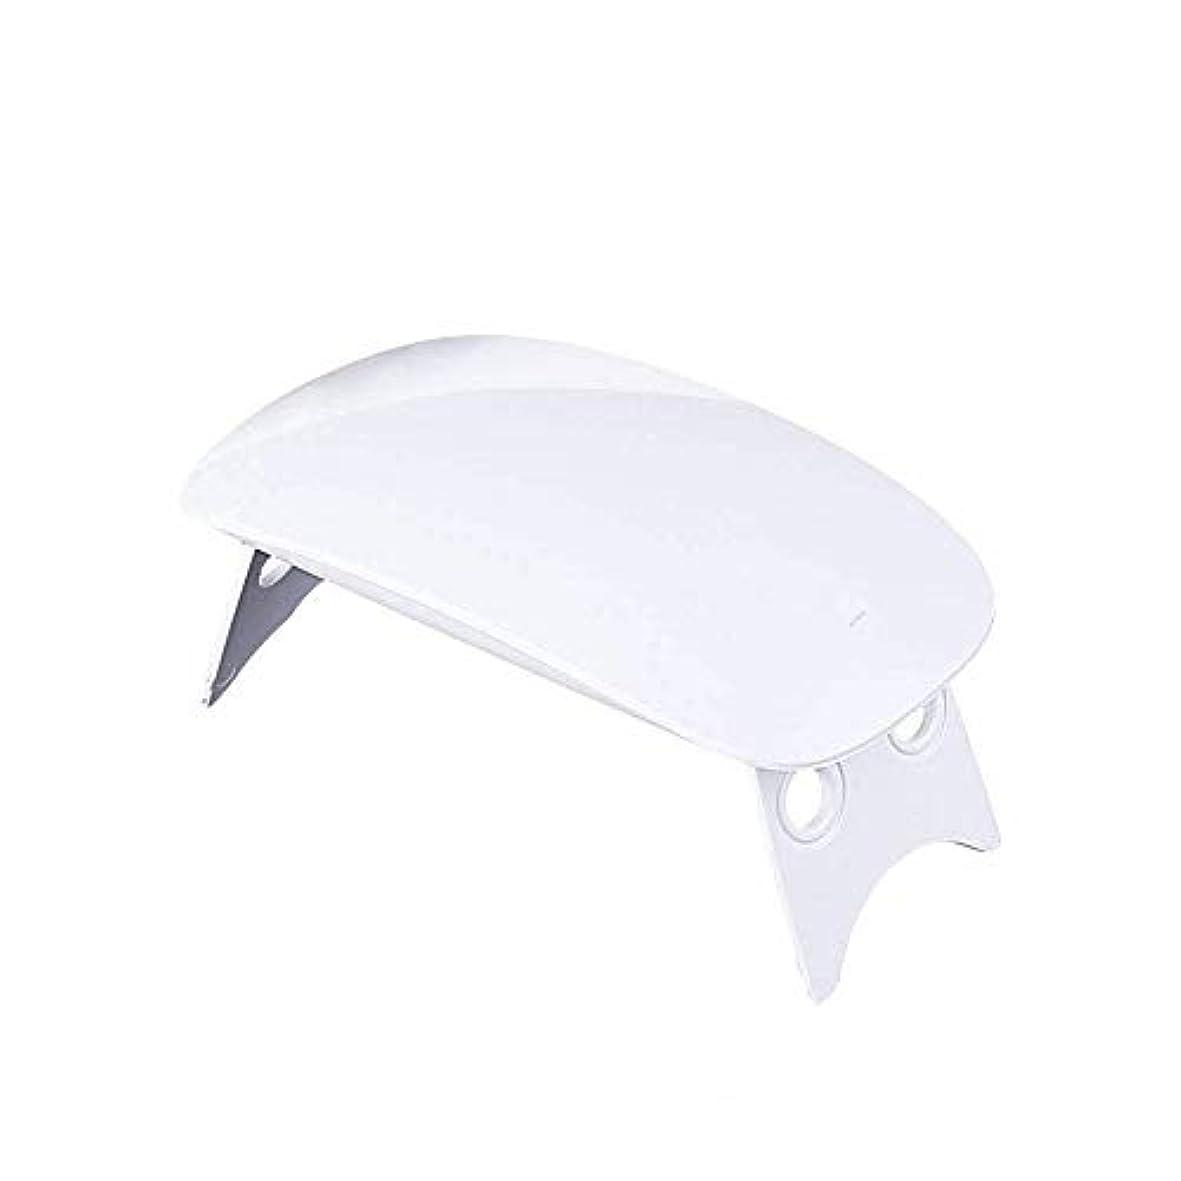 LEDネイルドライヤー UVライト 折りたたみ式手足とも使える LED 硬化ライト UV と LEDダブルライト ジェルネイル用 (ホワイト)